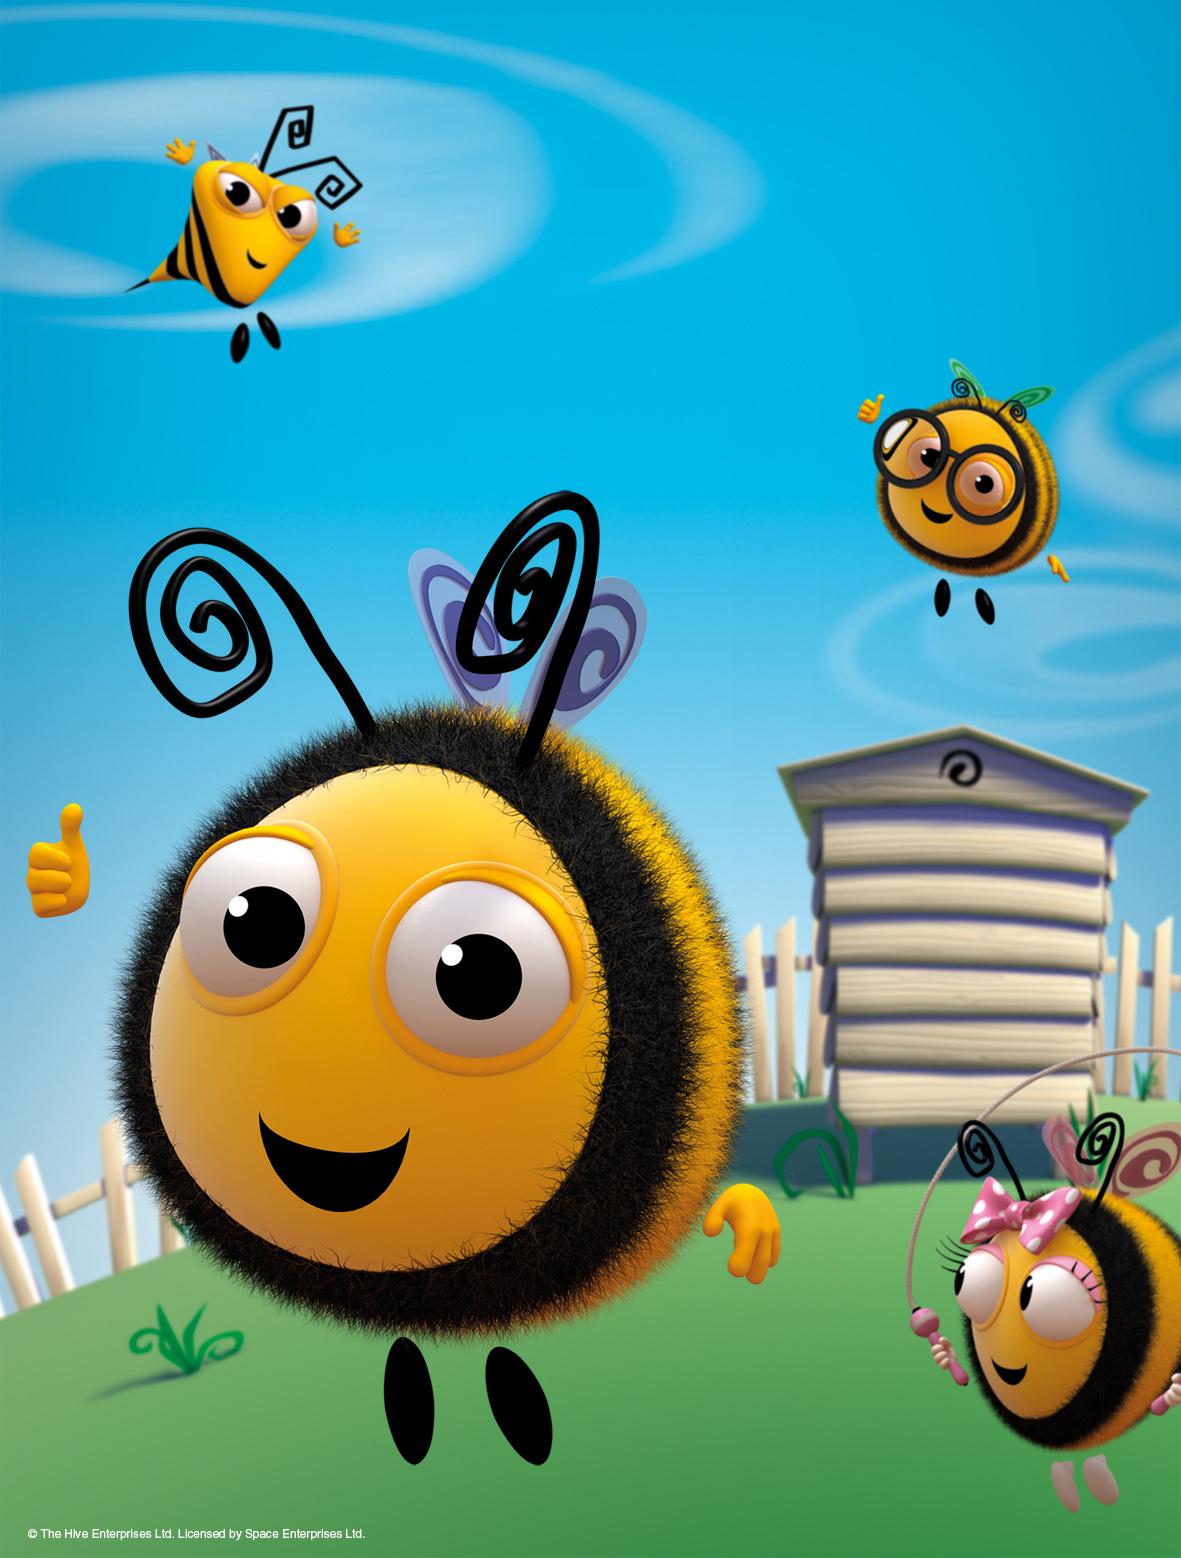 La colmena feliz - Nector y la abeja de nieve